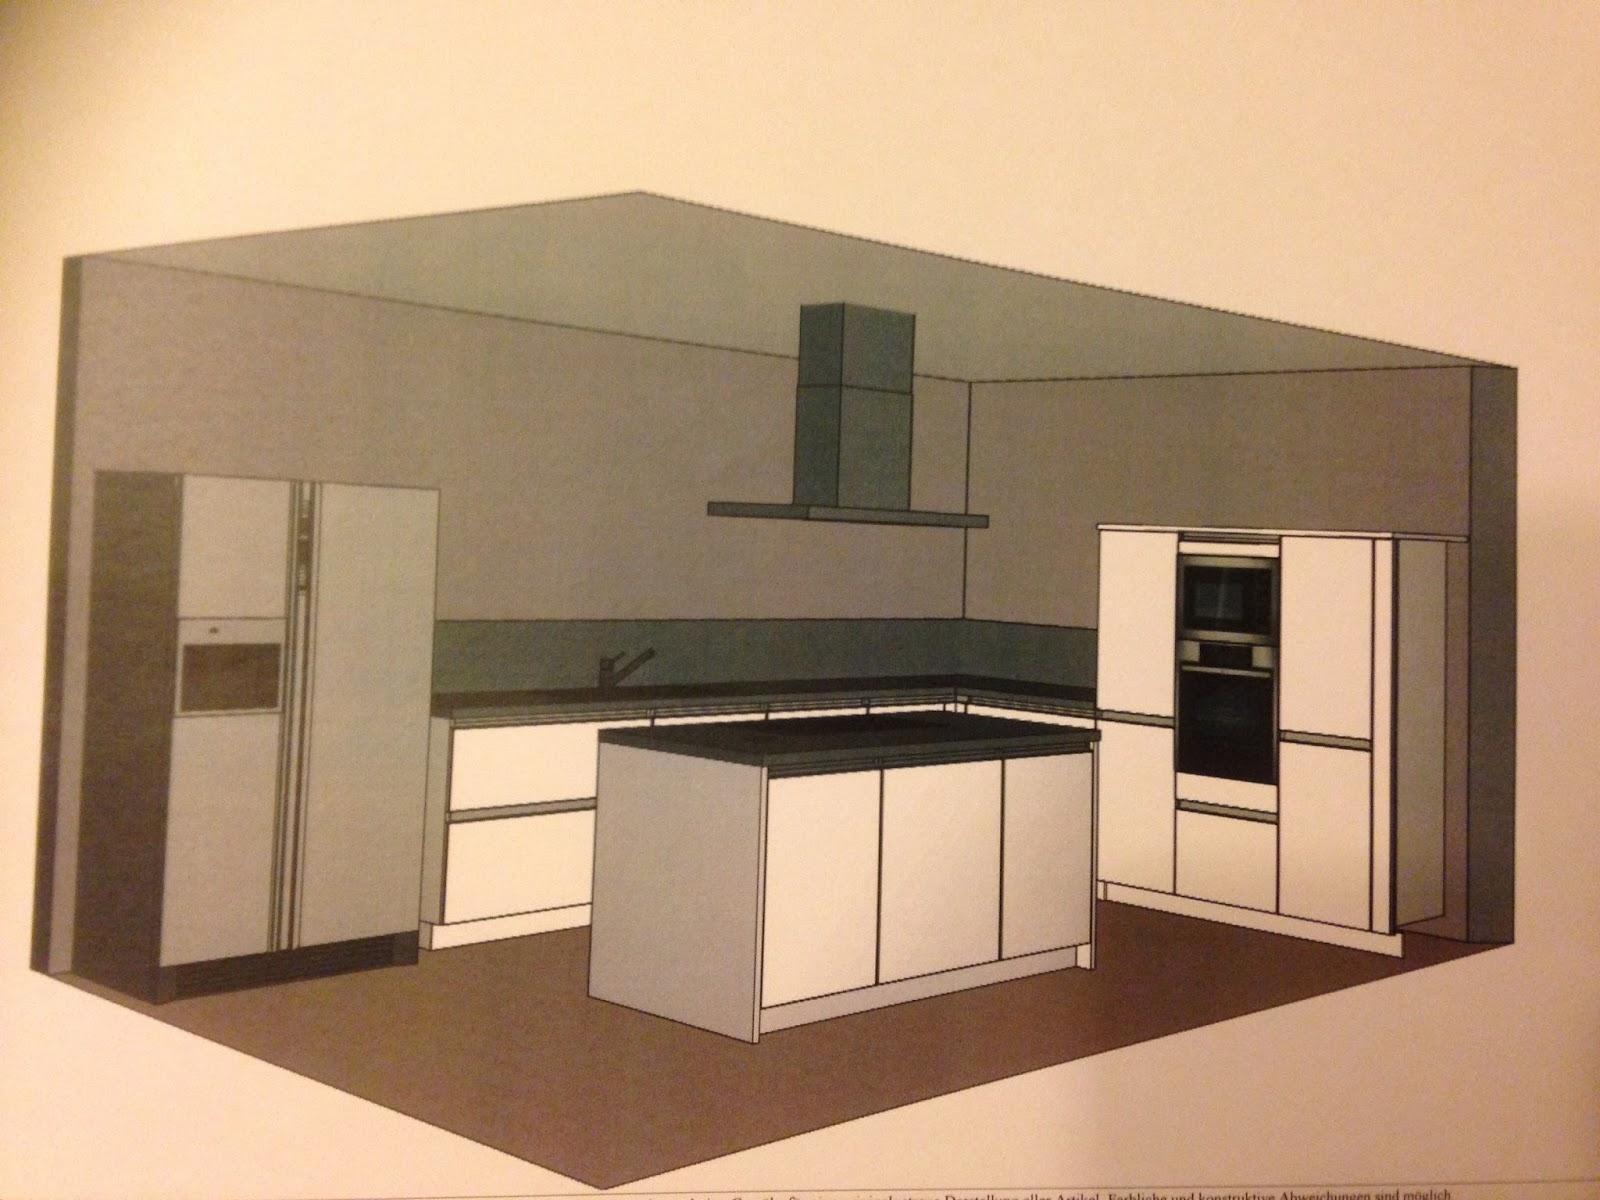 Küche Aktuell | Jtleigh.com - Hausgestaltung Ideen | {Küche aktuell 19}